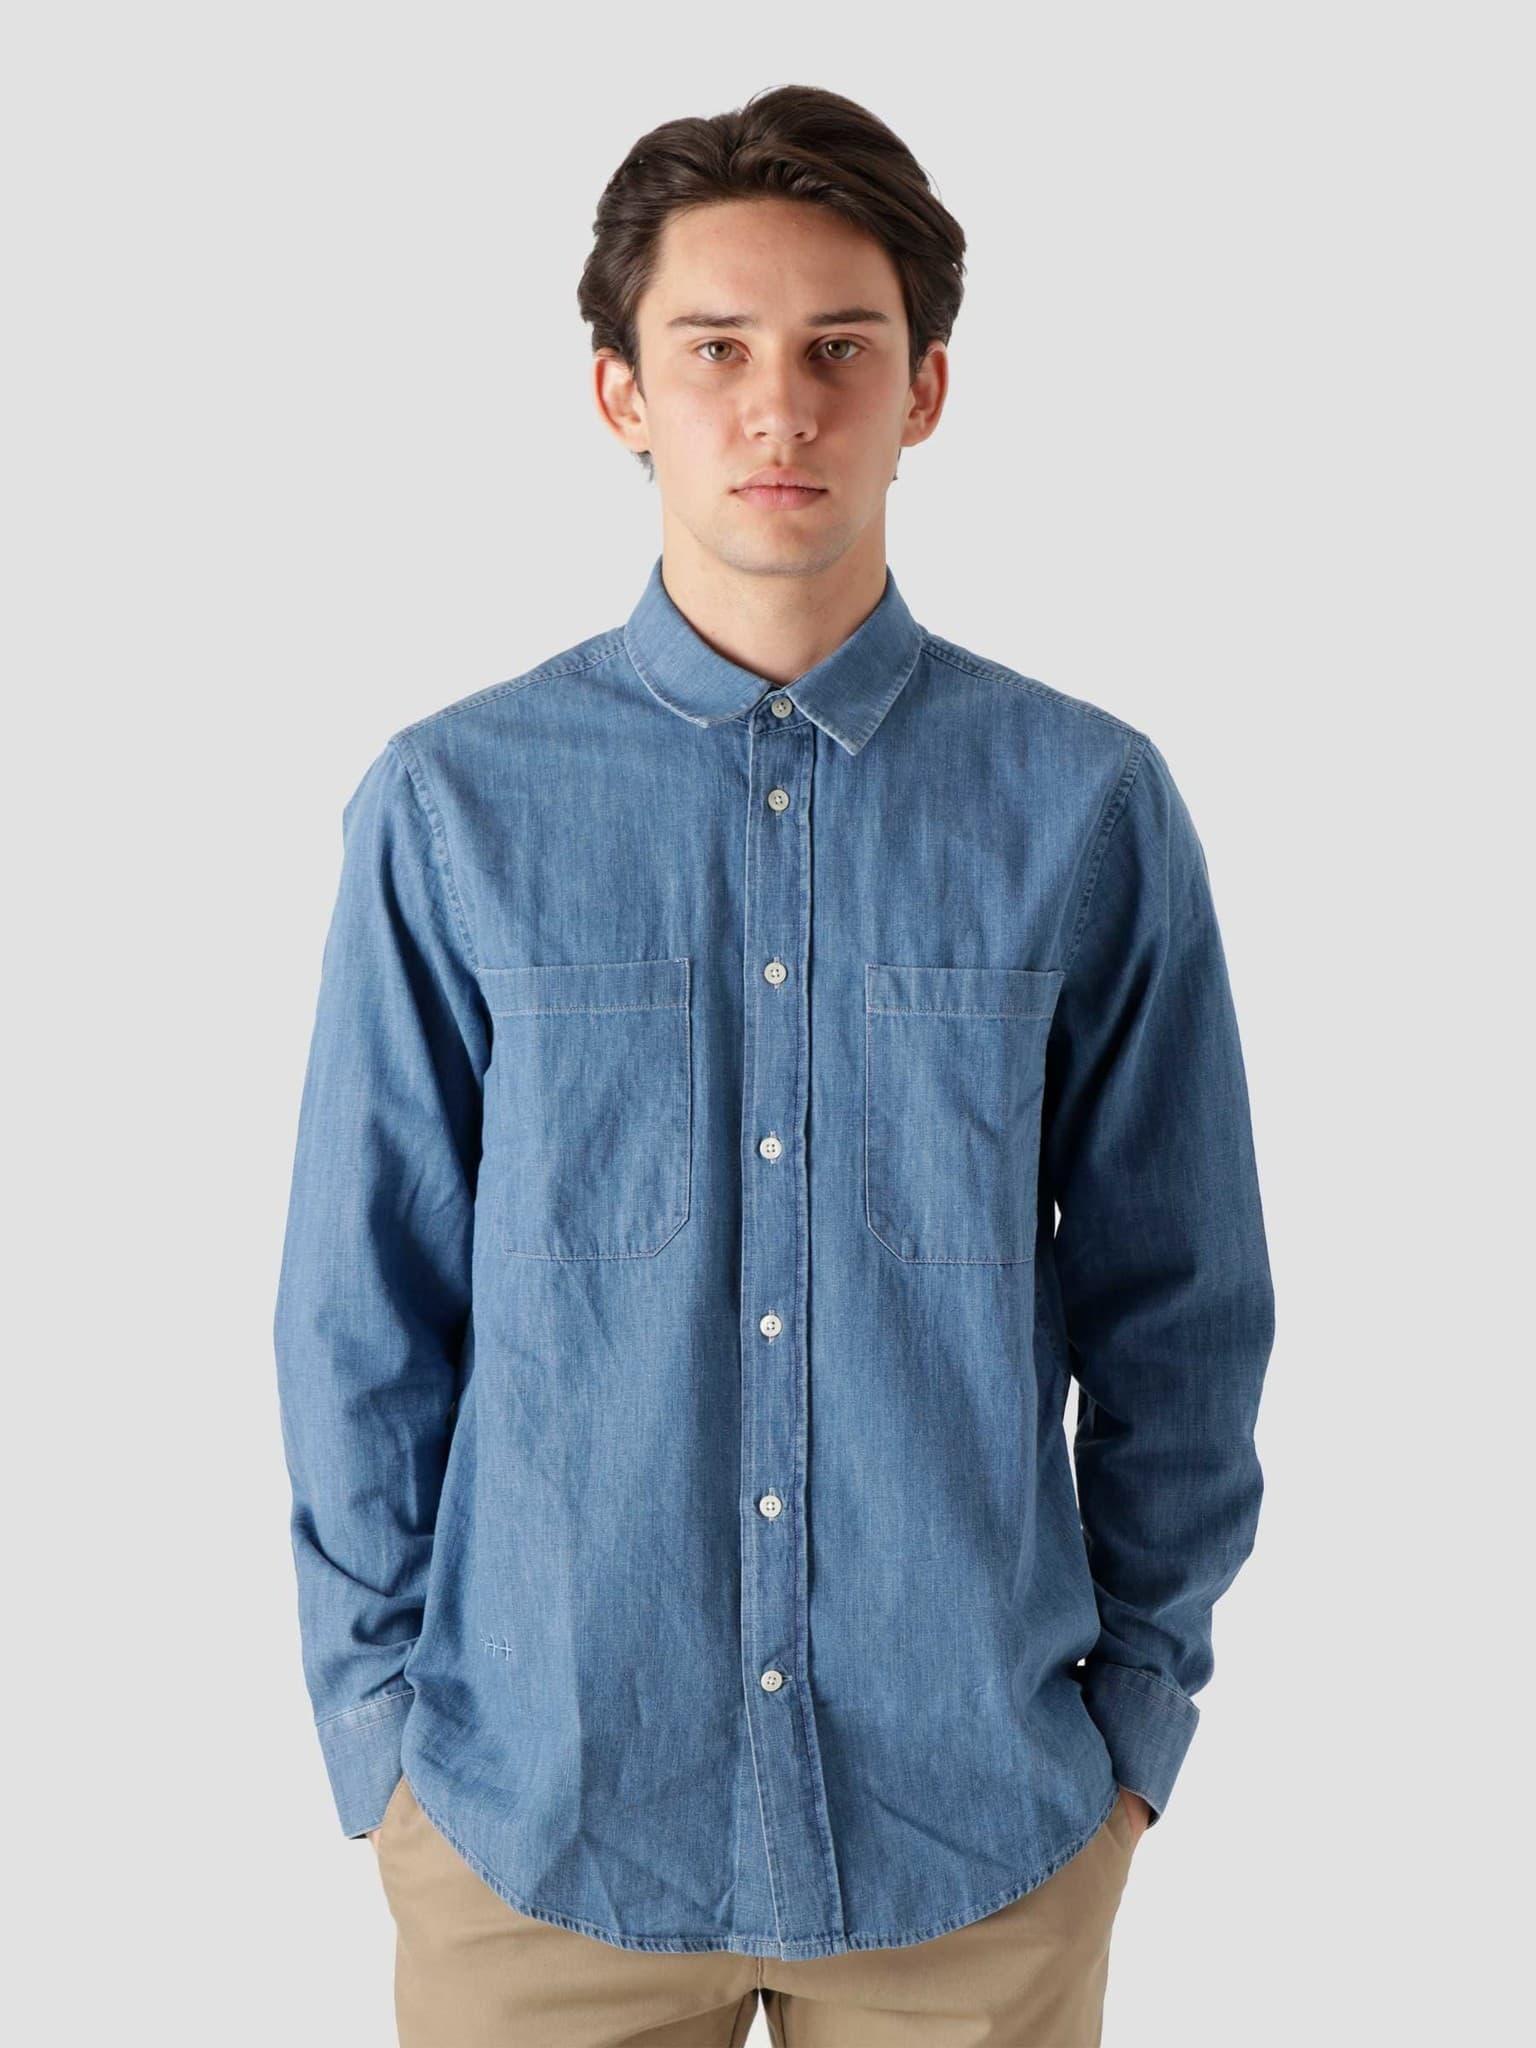 QB45 Denim Shirt Blue Denim